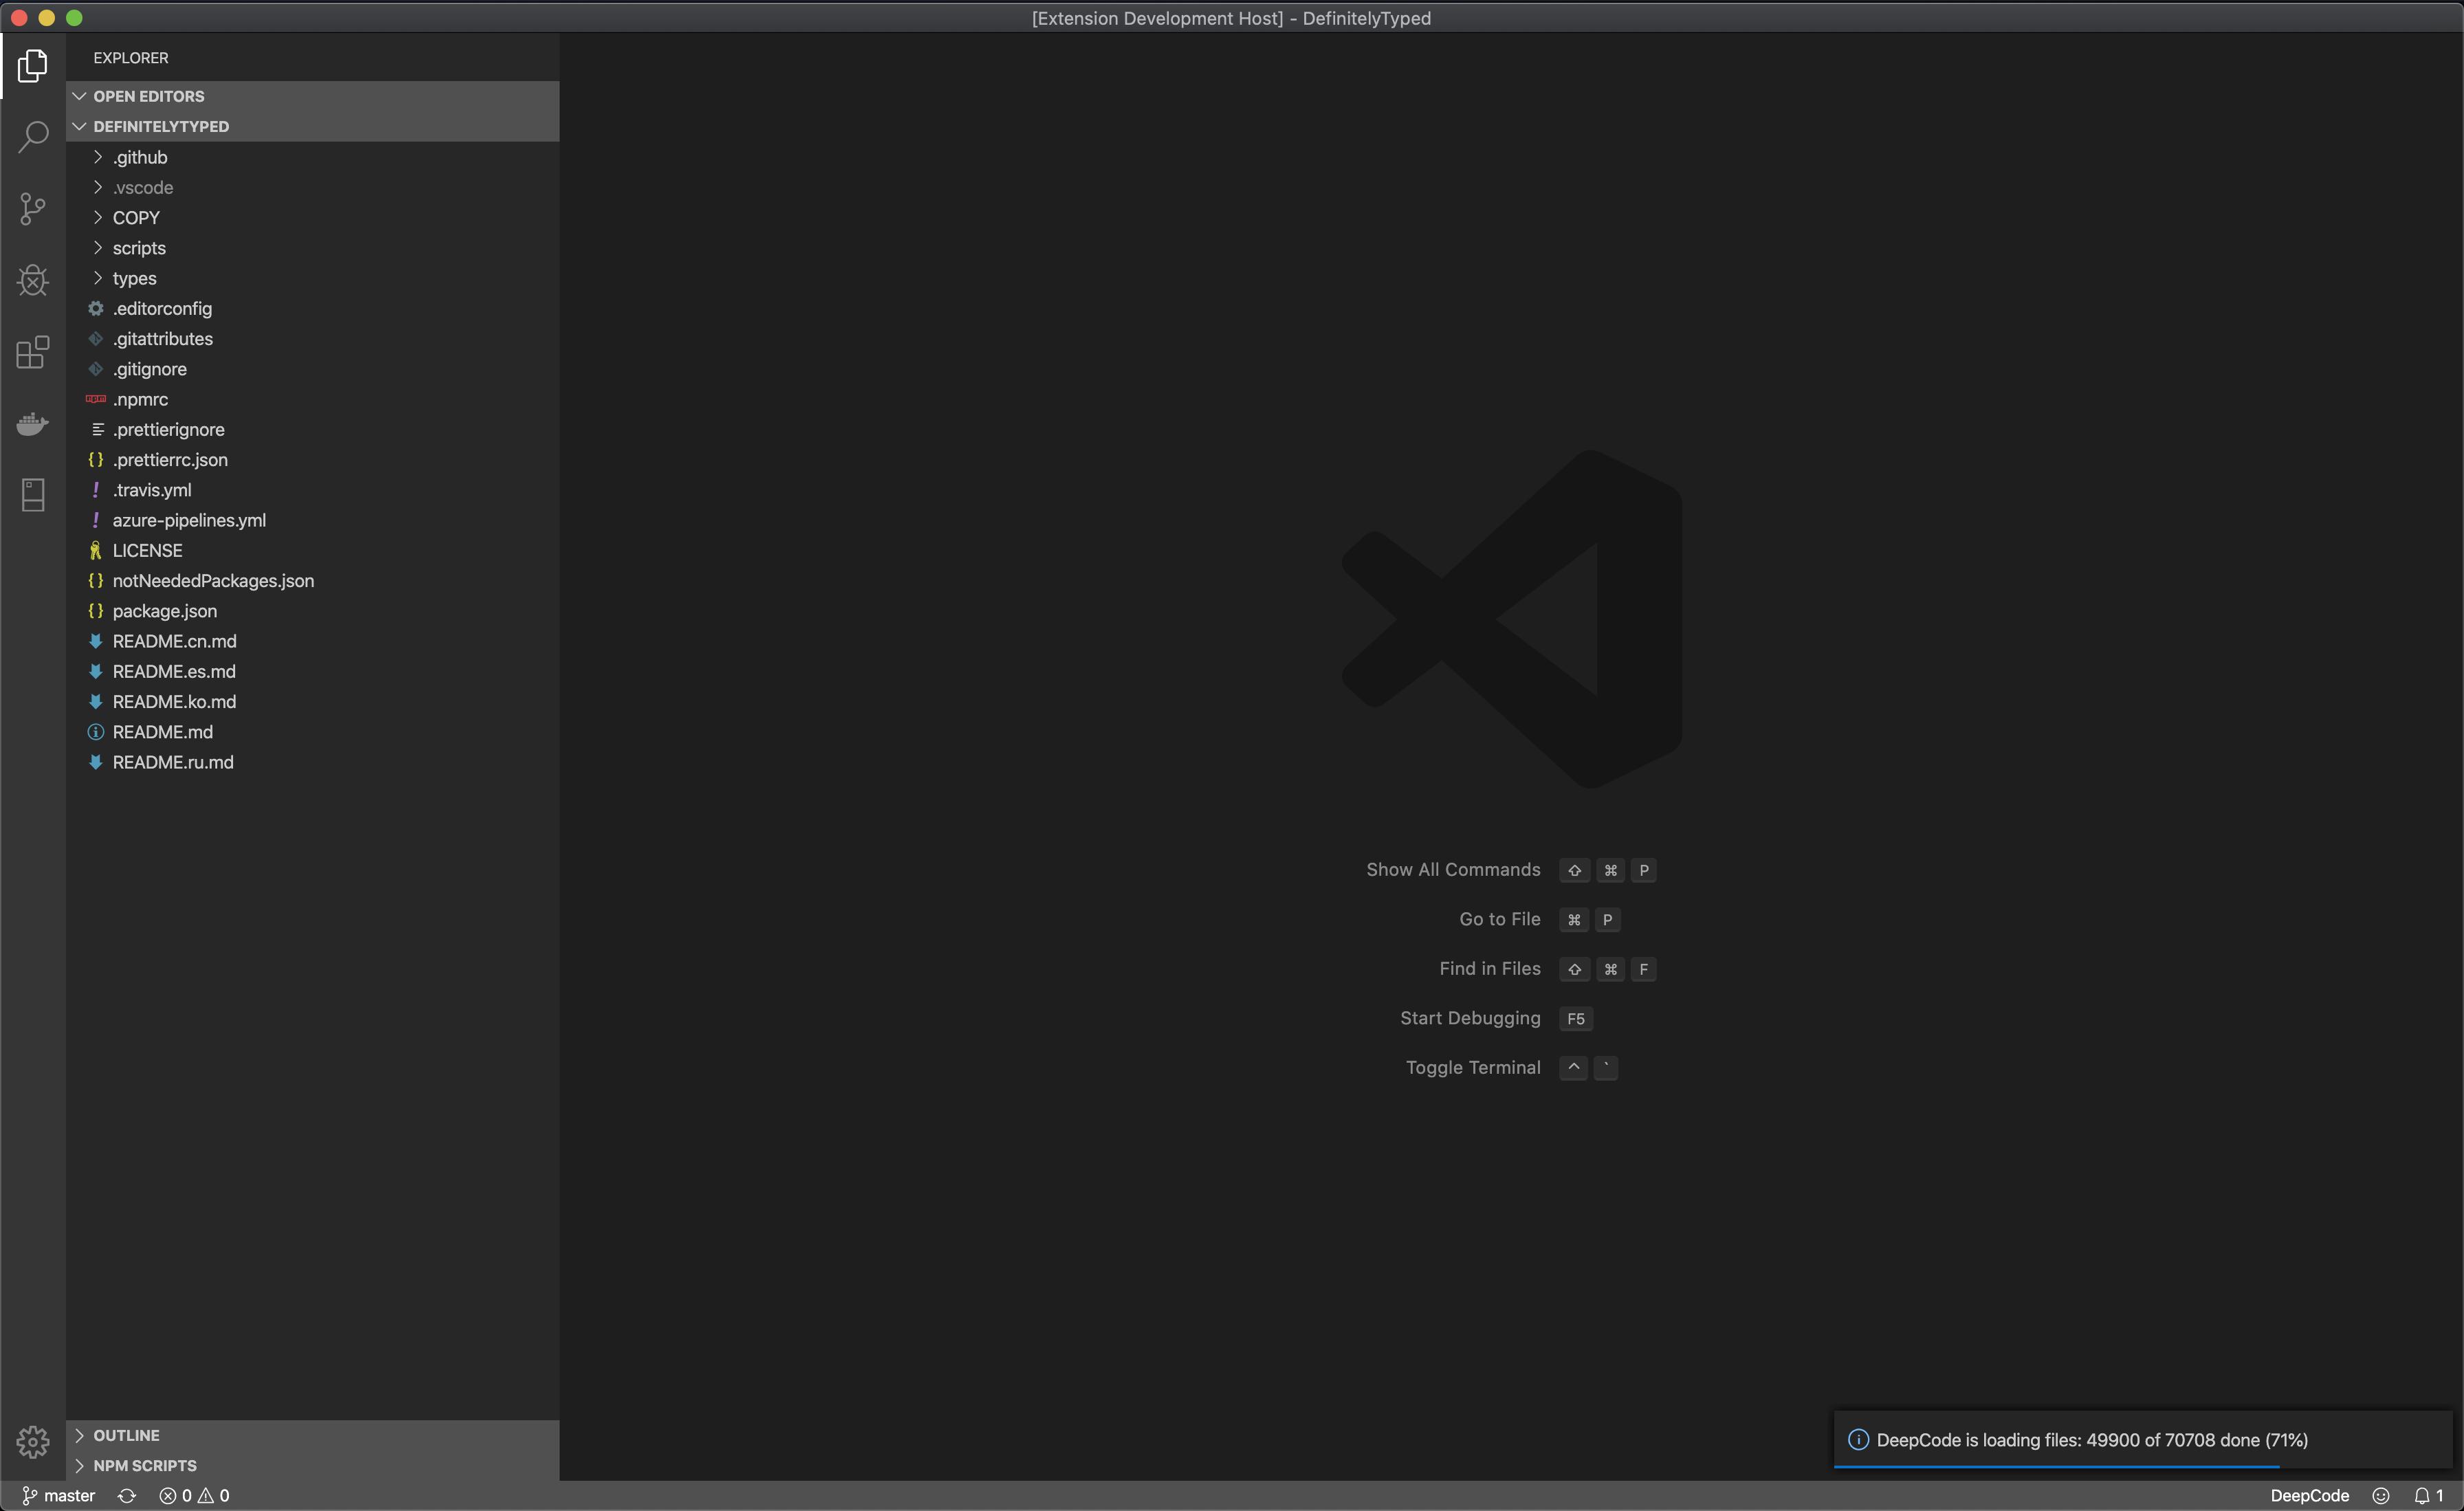 deepcode progress